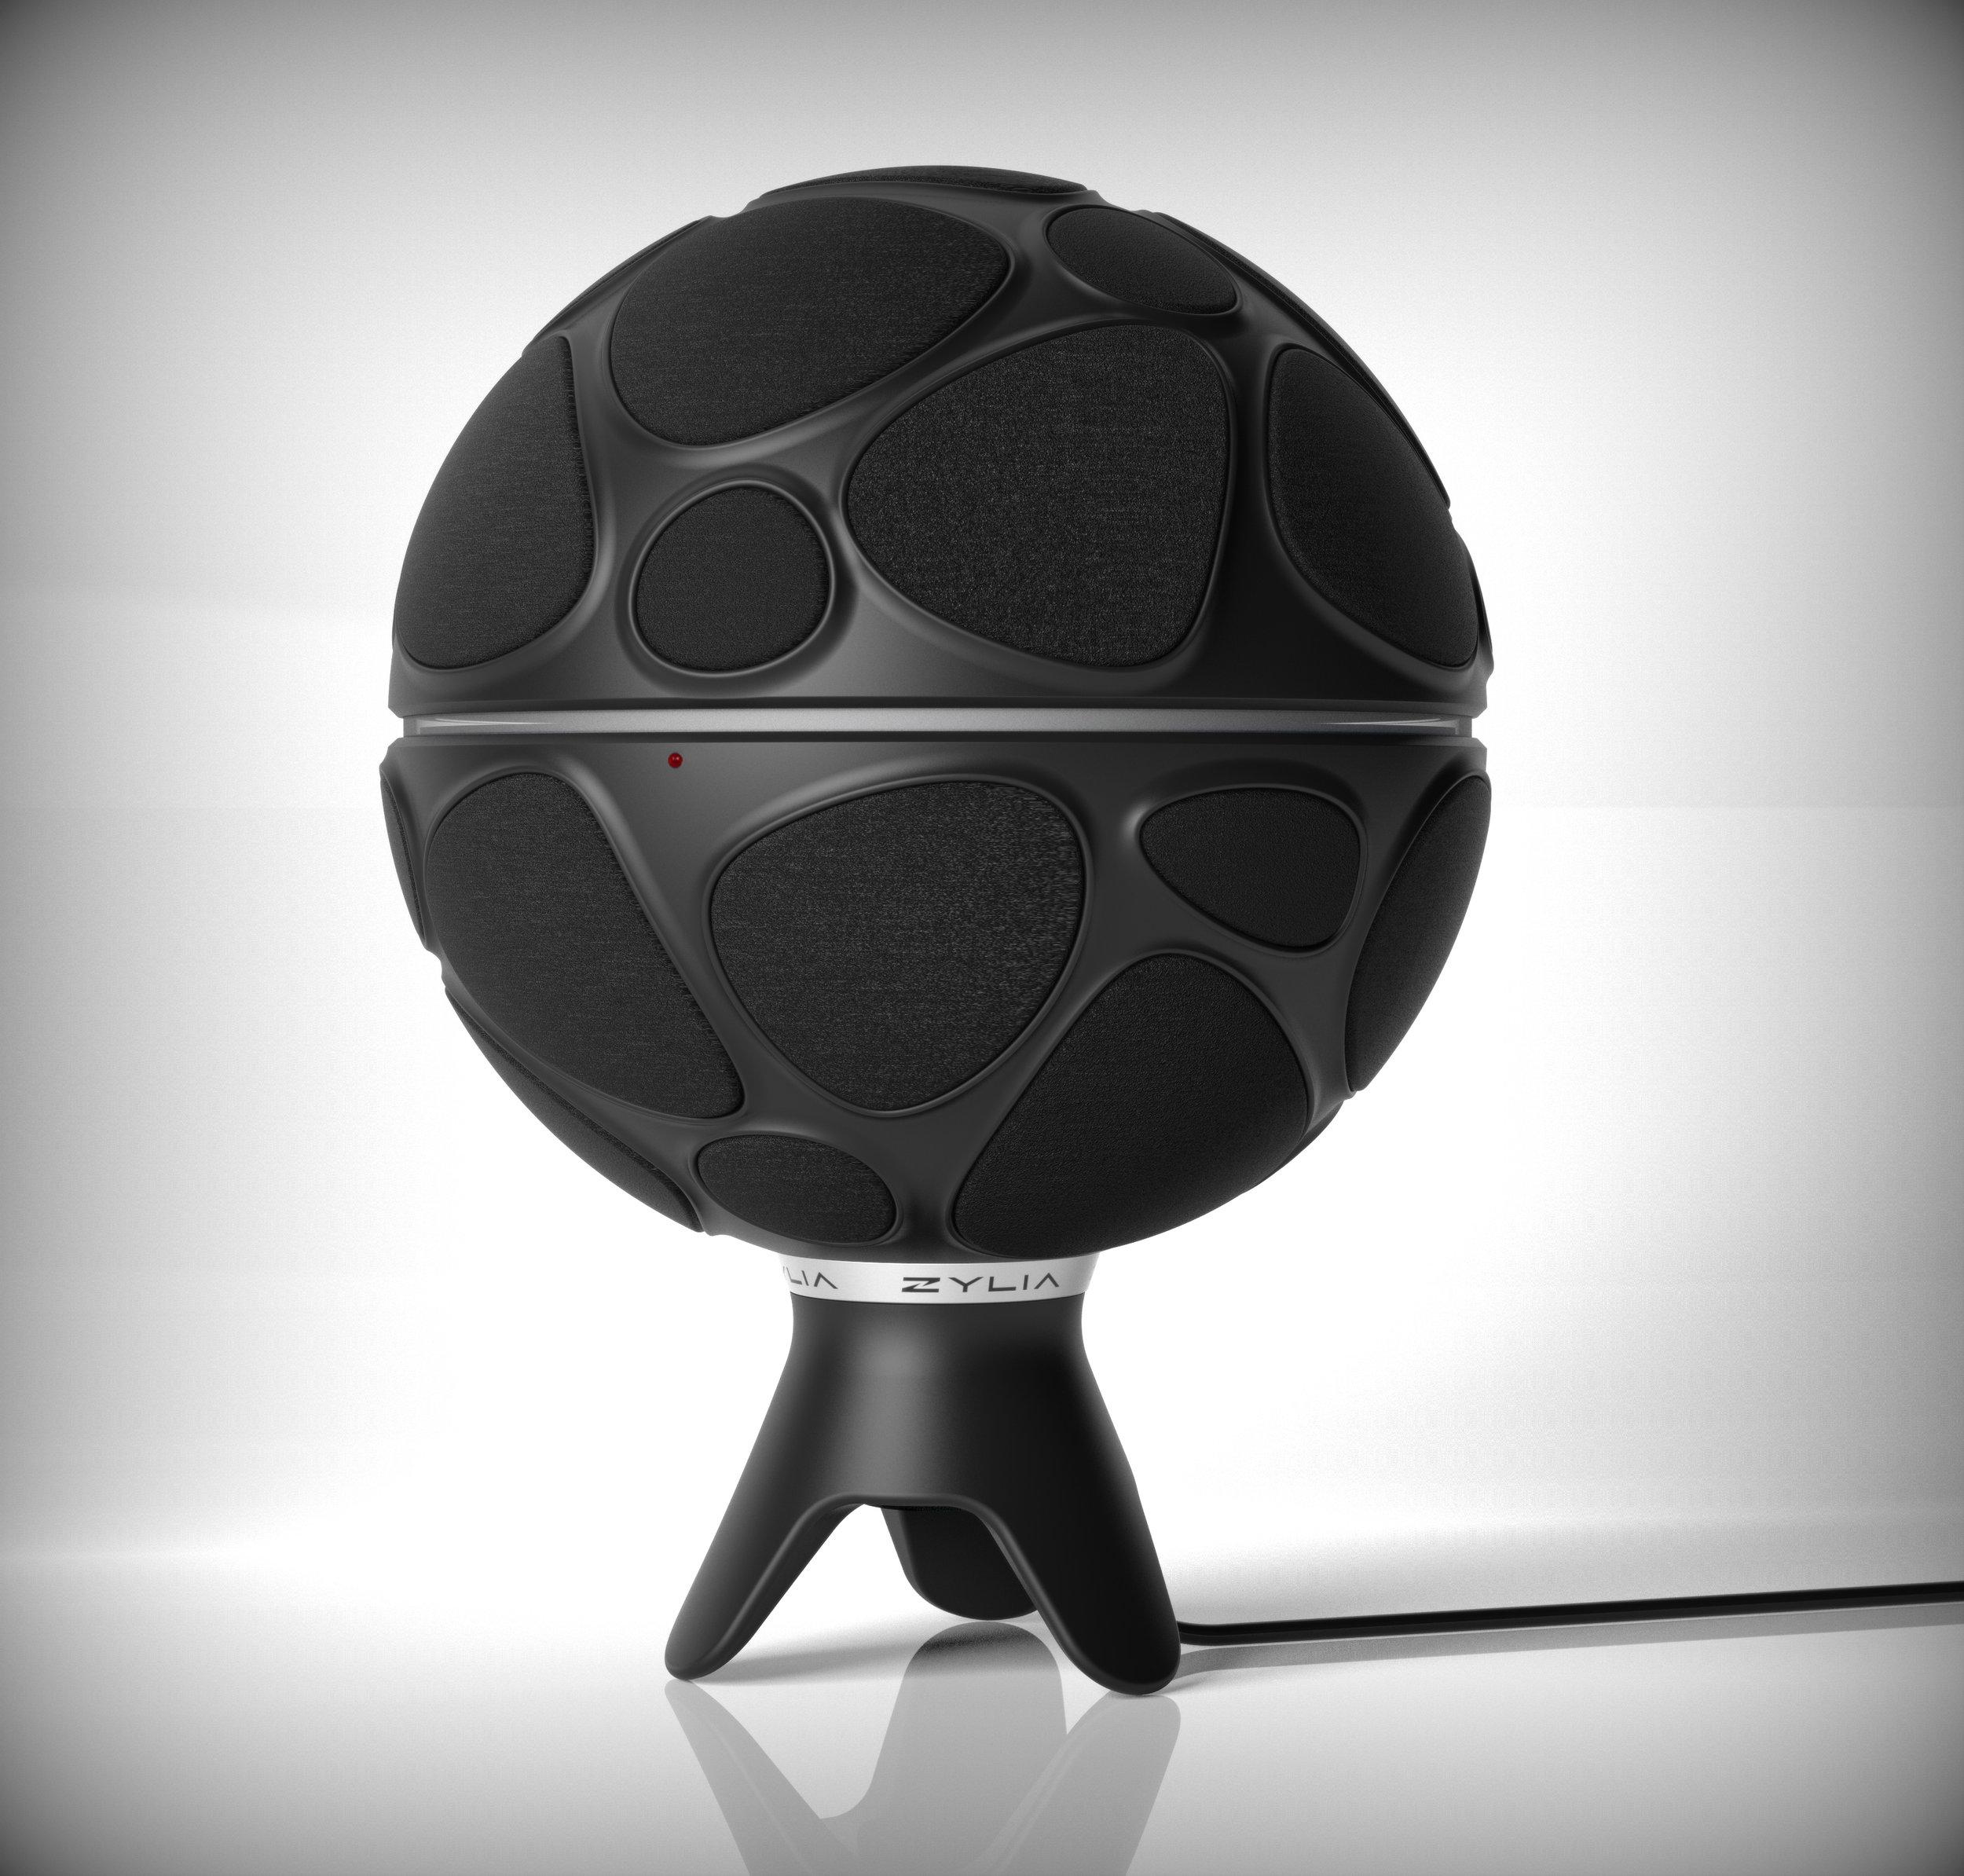 """Rejestrowaniekreatywnościbez limitu. - ZYLIA to pierwsze na świecie przenośne studio nagrań, które umożliwia nagrywanie całych """"scen dźwiękowych"""" za pomocą tylko jednego urządzenia. Zestaw ukrytych mikrofonów w połączeniu z dedykowanym softem, pozwala na odseparowanie ścieżek nagraniowych poszczególnych instrumentów."""